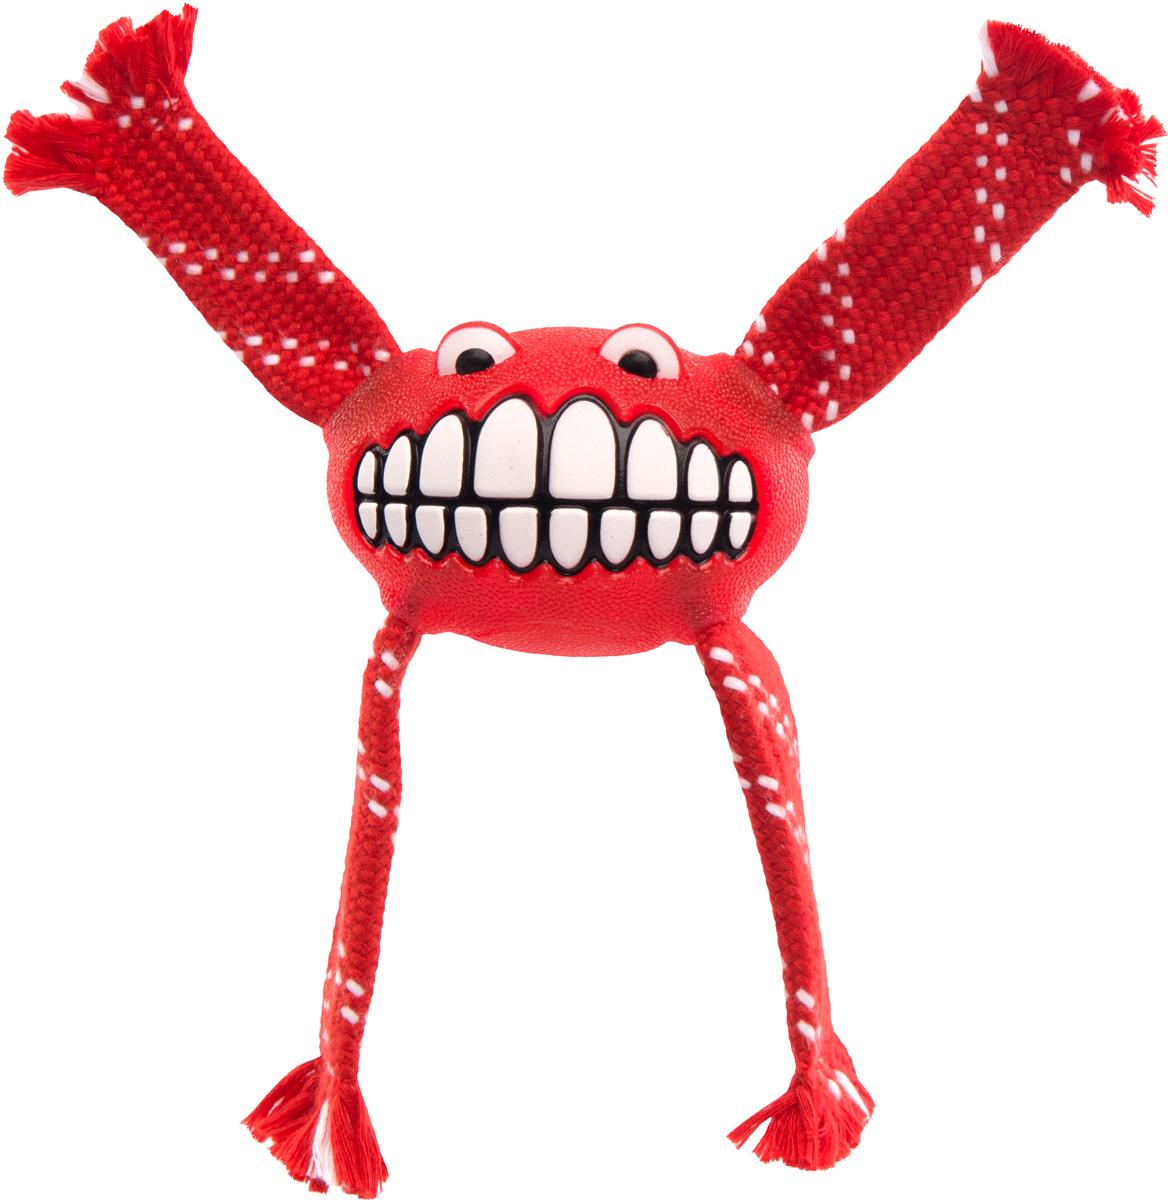 Игрушка для собак Rogz Flossy Grinz. Зубы, цвет: красный, длина 16,5 см0120710Игрушка типа Отними.Очень прочная и крепкая.Внутри – пищалка, что поддерживает интерес животного к игре..Уникальная функция игрушки - чистит язык и зубы. Термопластичная резина (TPR), хлопок